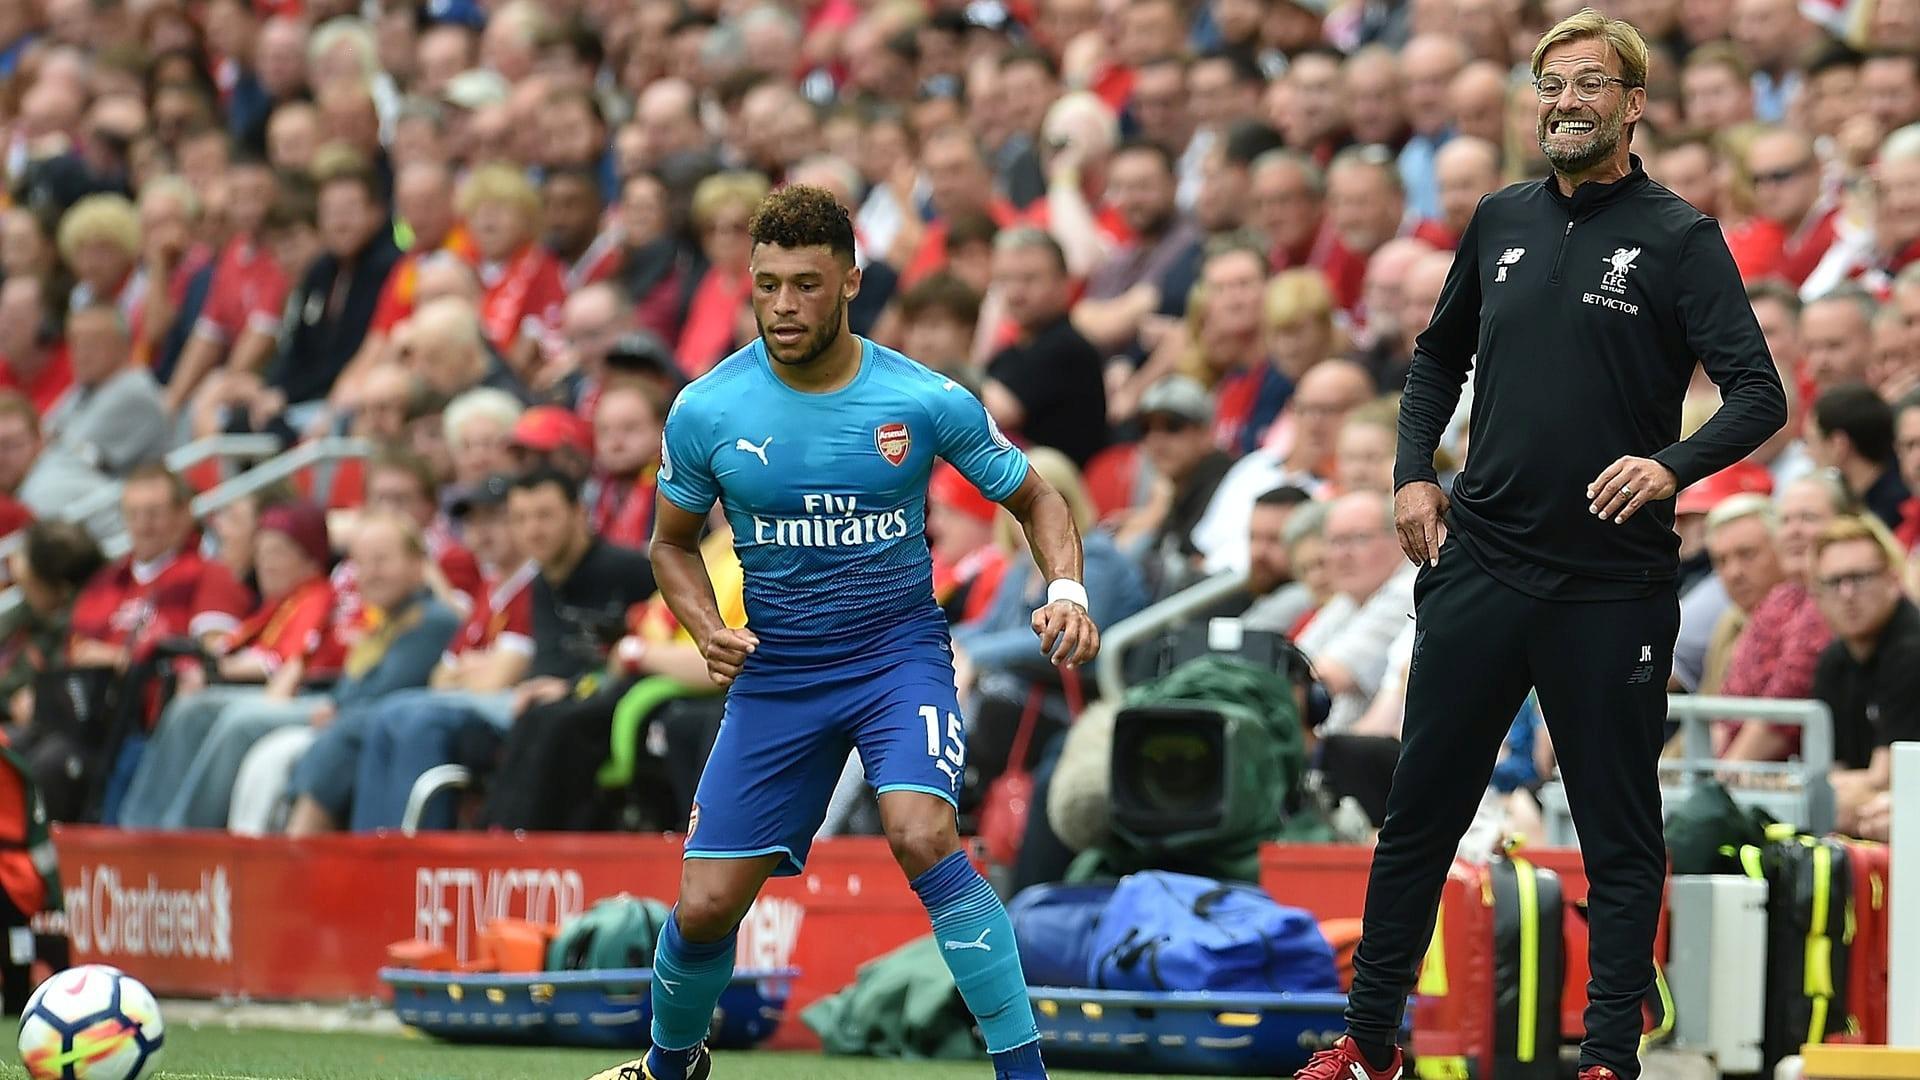 Алекс Окслейд-Чемберлен 27 августа сыграл за «Арсенал», а уже 31 августа перешел в «Ливерпуль»